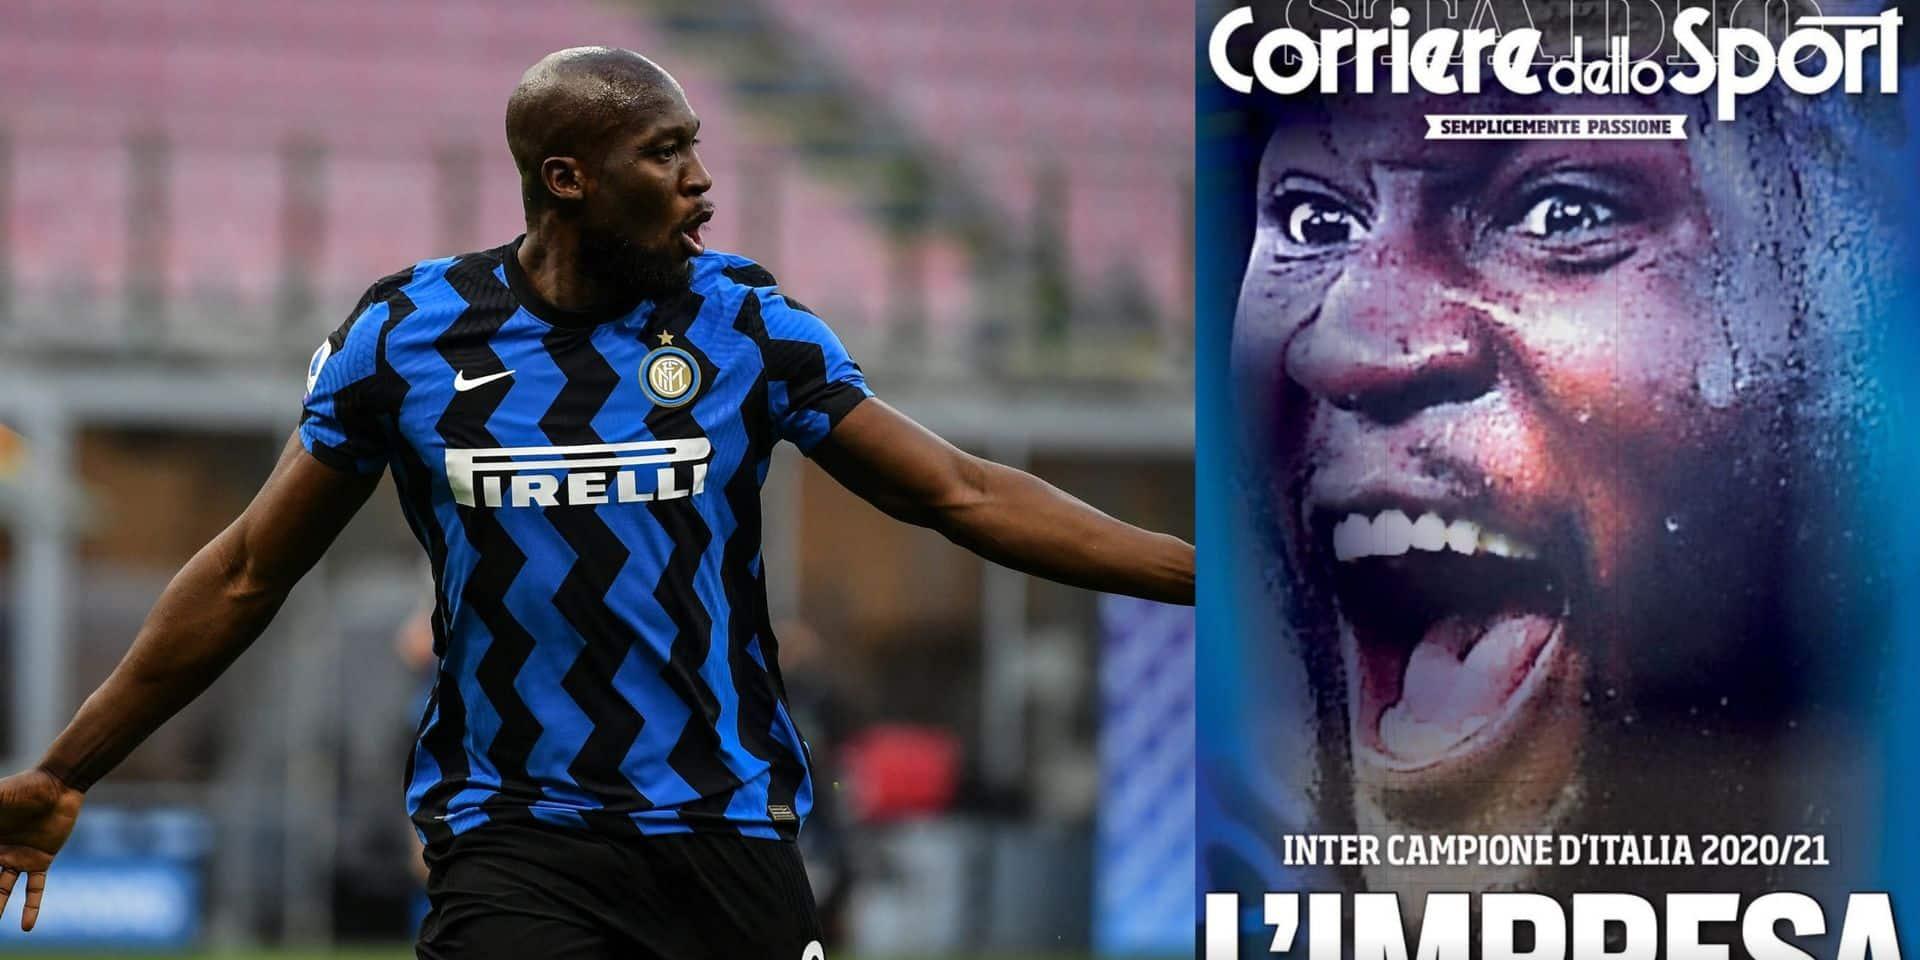 """Romelu Lukaku encensé par la presse italienne après le sacre de l'Inter : """"S'il n'est pas un leader, alors il n'y a pas de leader dans le football"""""""